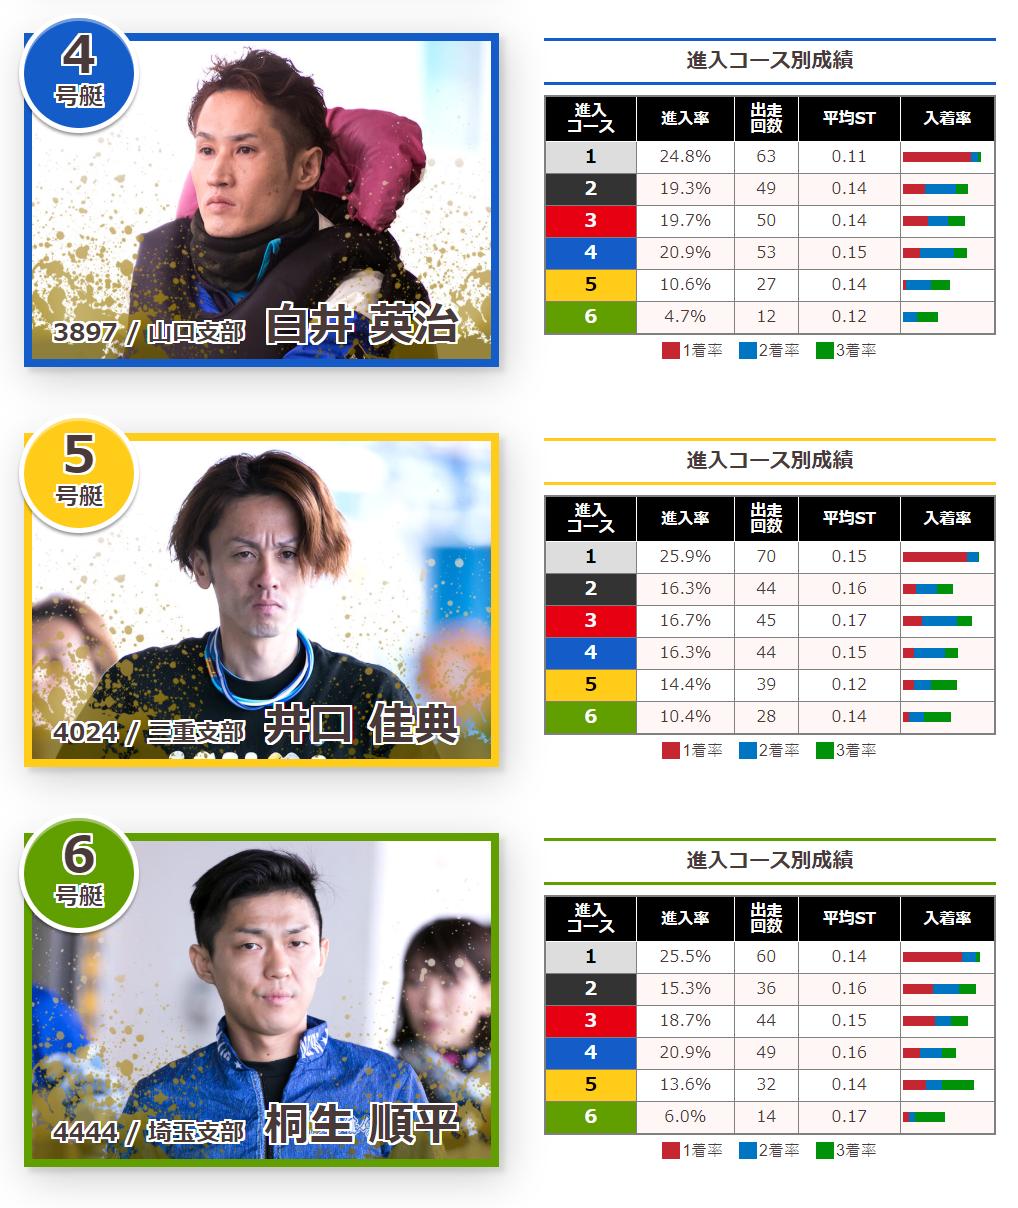 2019びわこ大賞(G1) ドリーム1st出場選手 白井英治、井口佳典、桐生順平